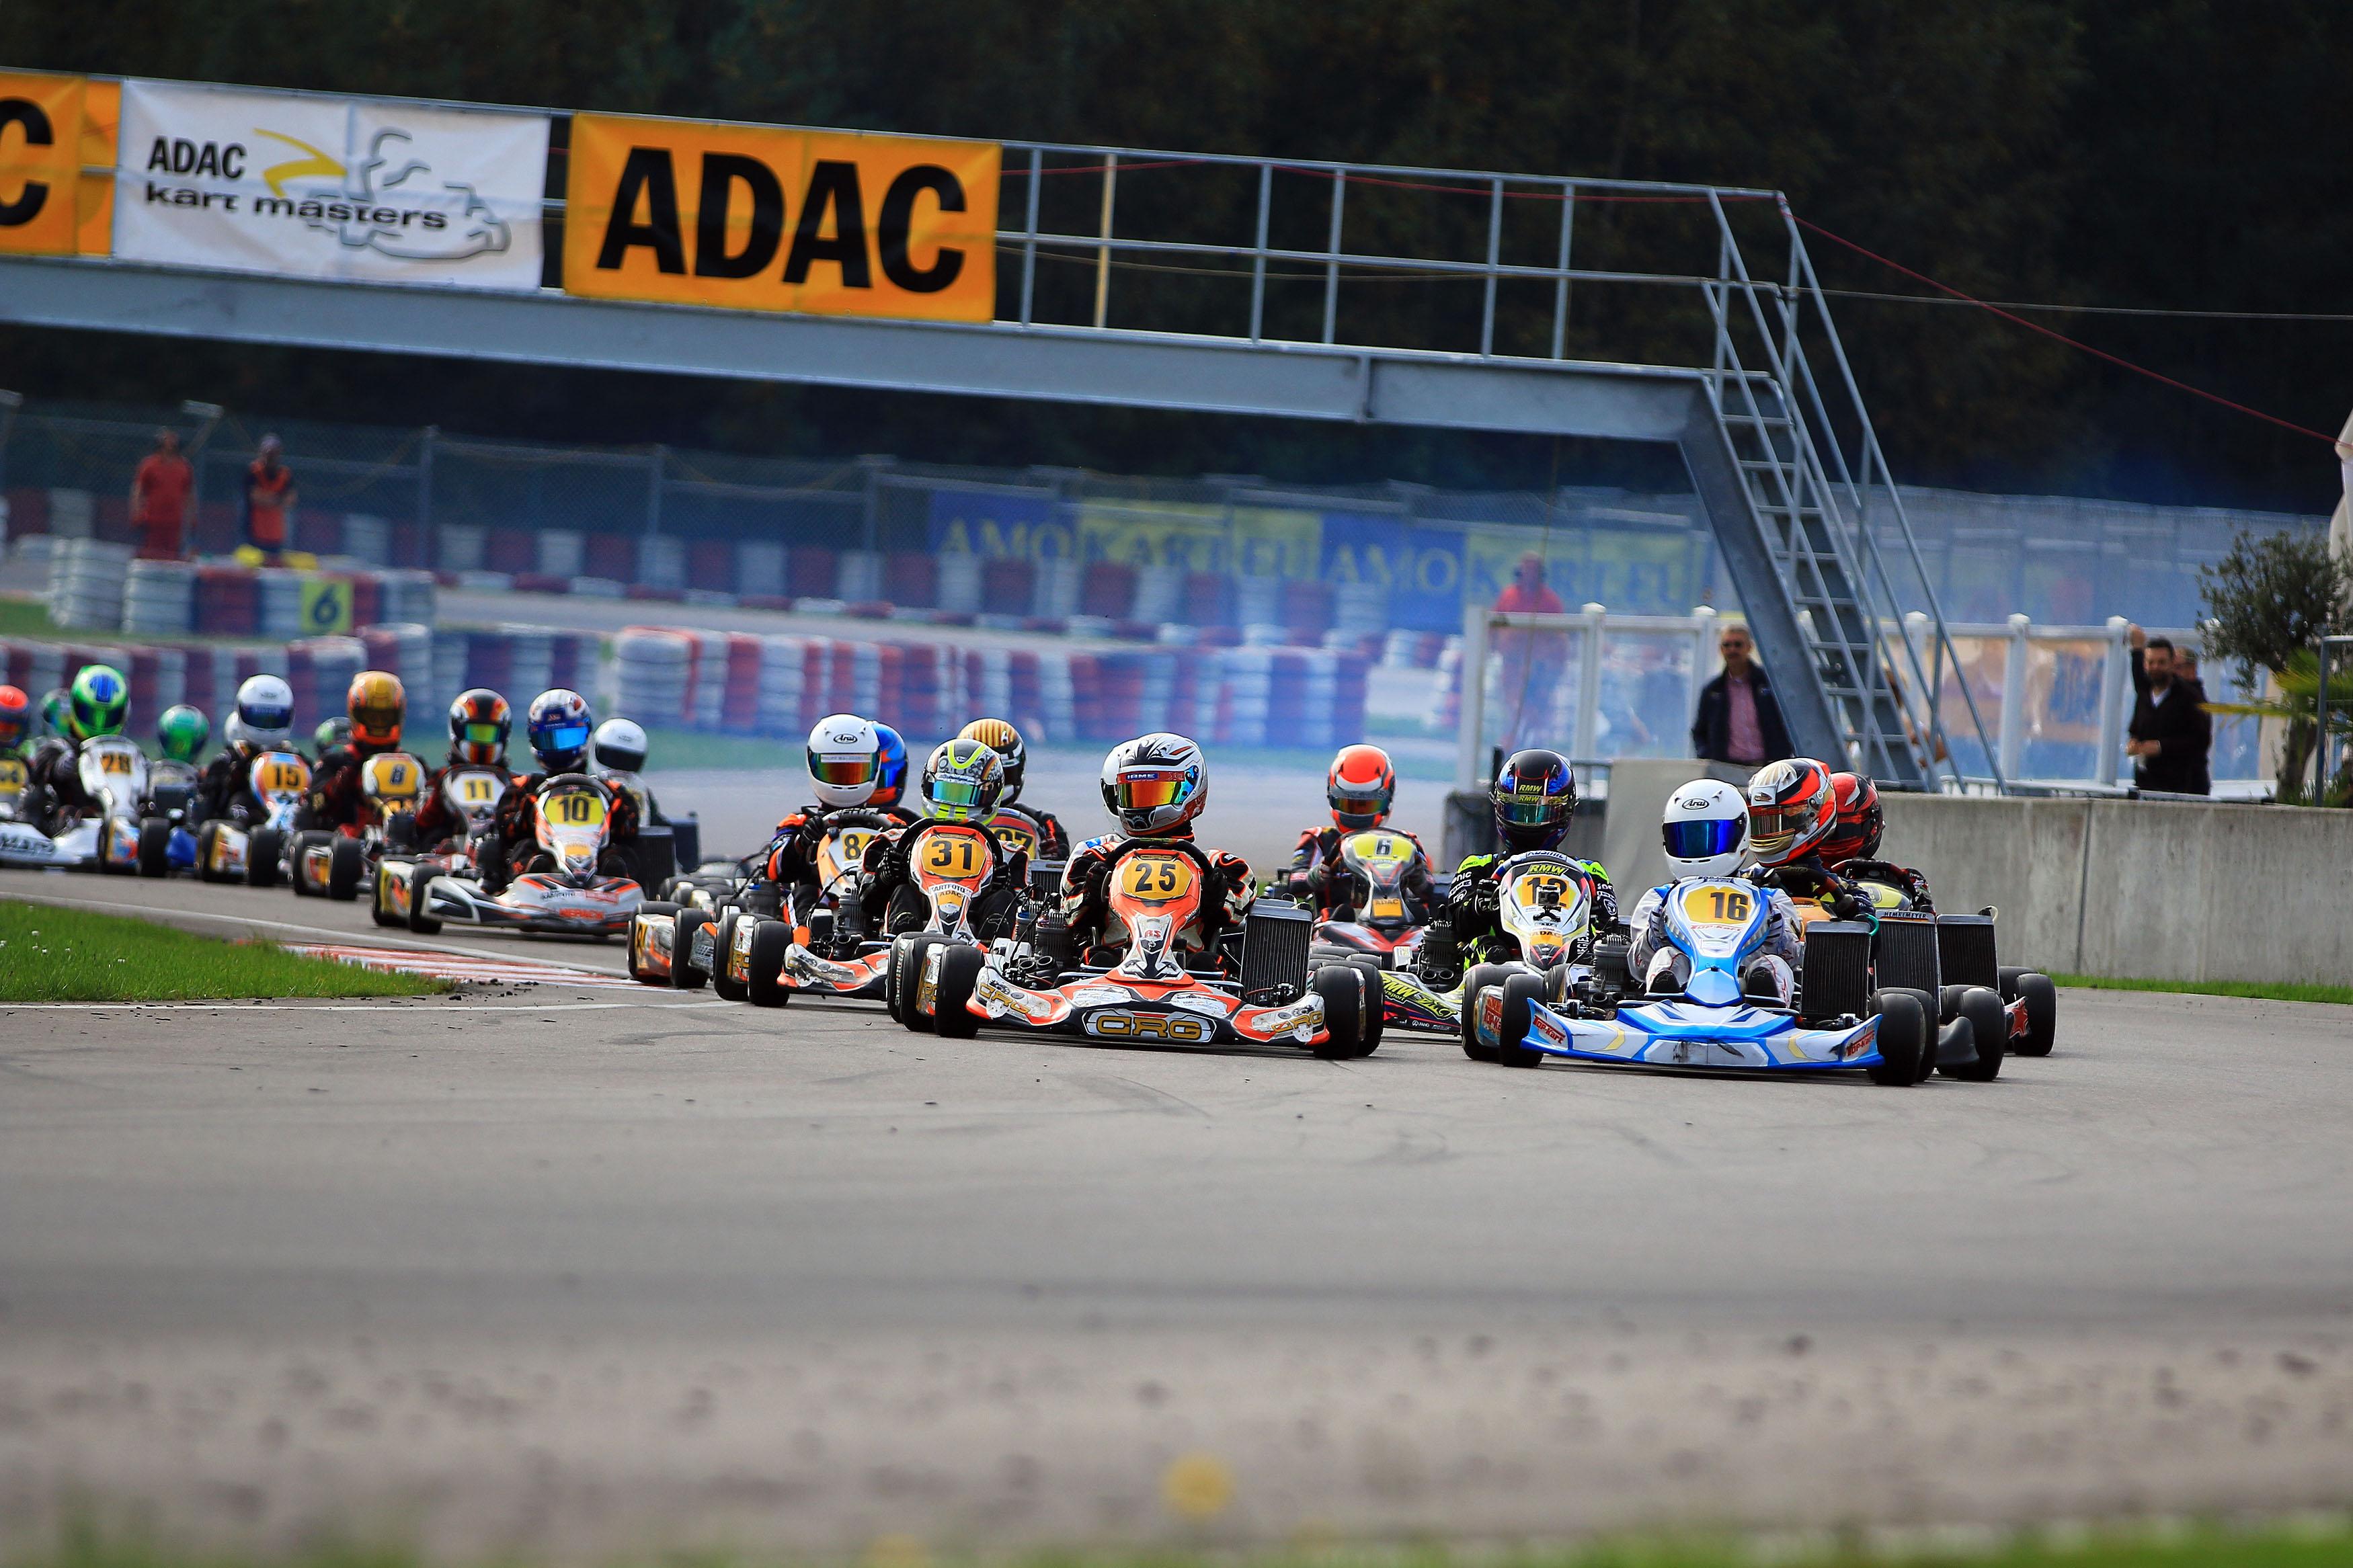 ADAC Kart Bundesendlauf zu Gast in Wackersdorf